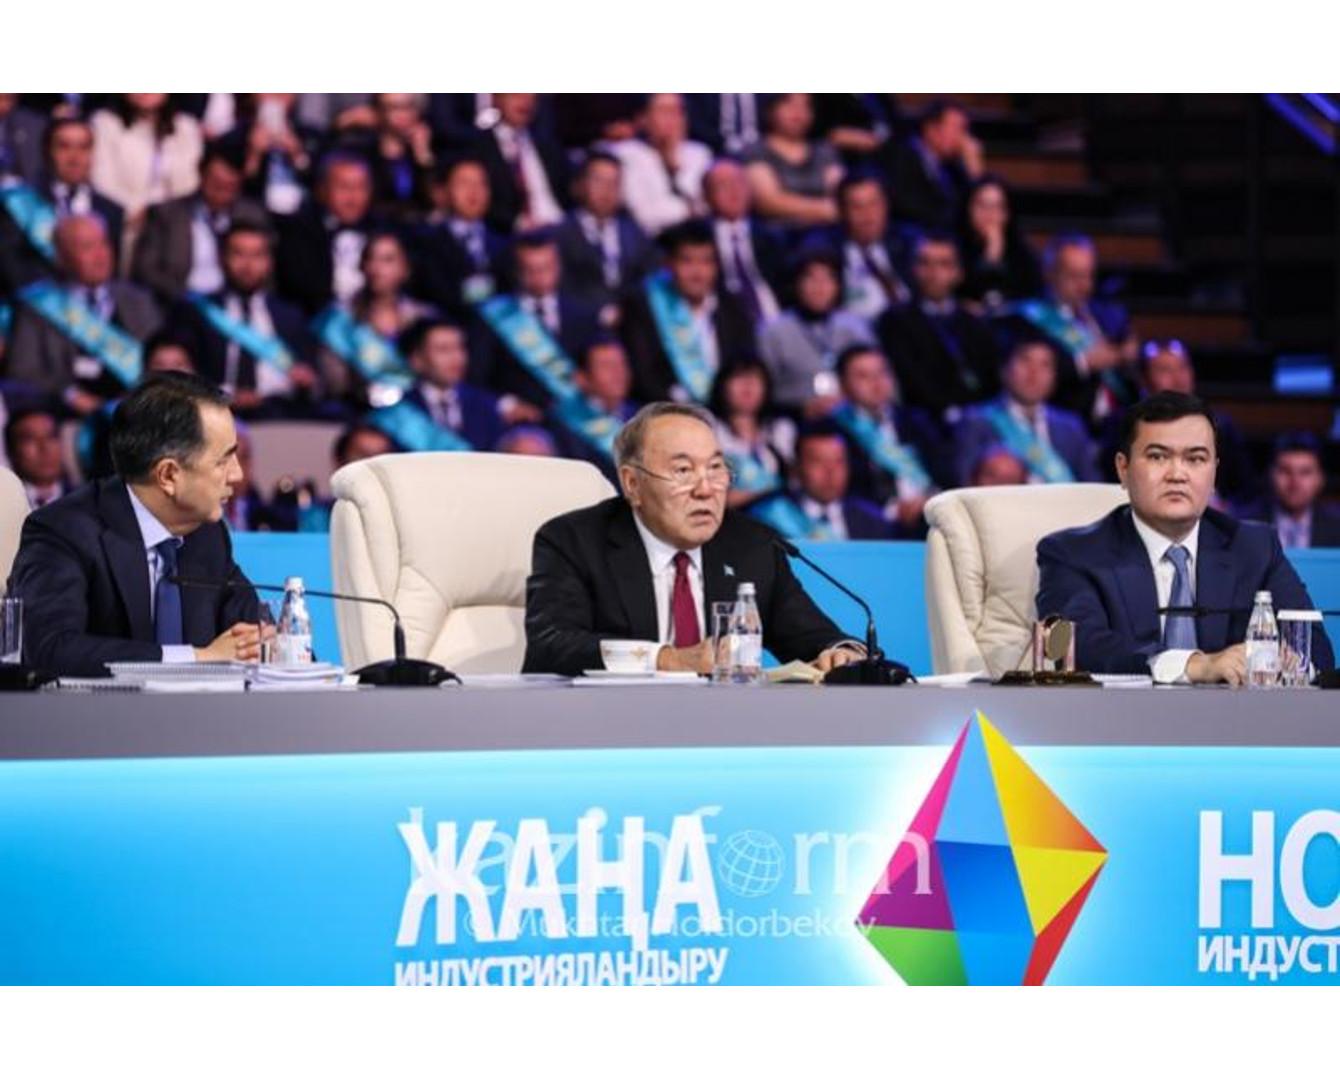 纳扎尔巴耶夫:应构建新的经济模式